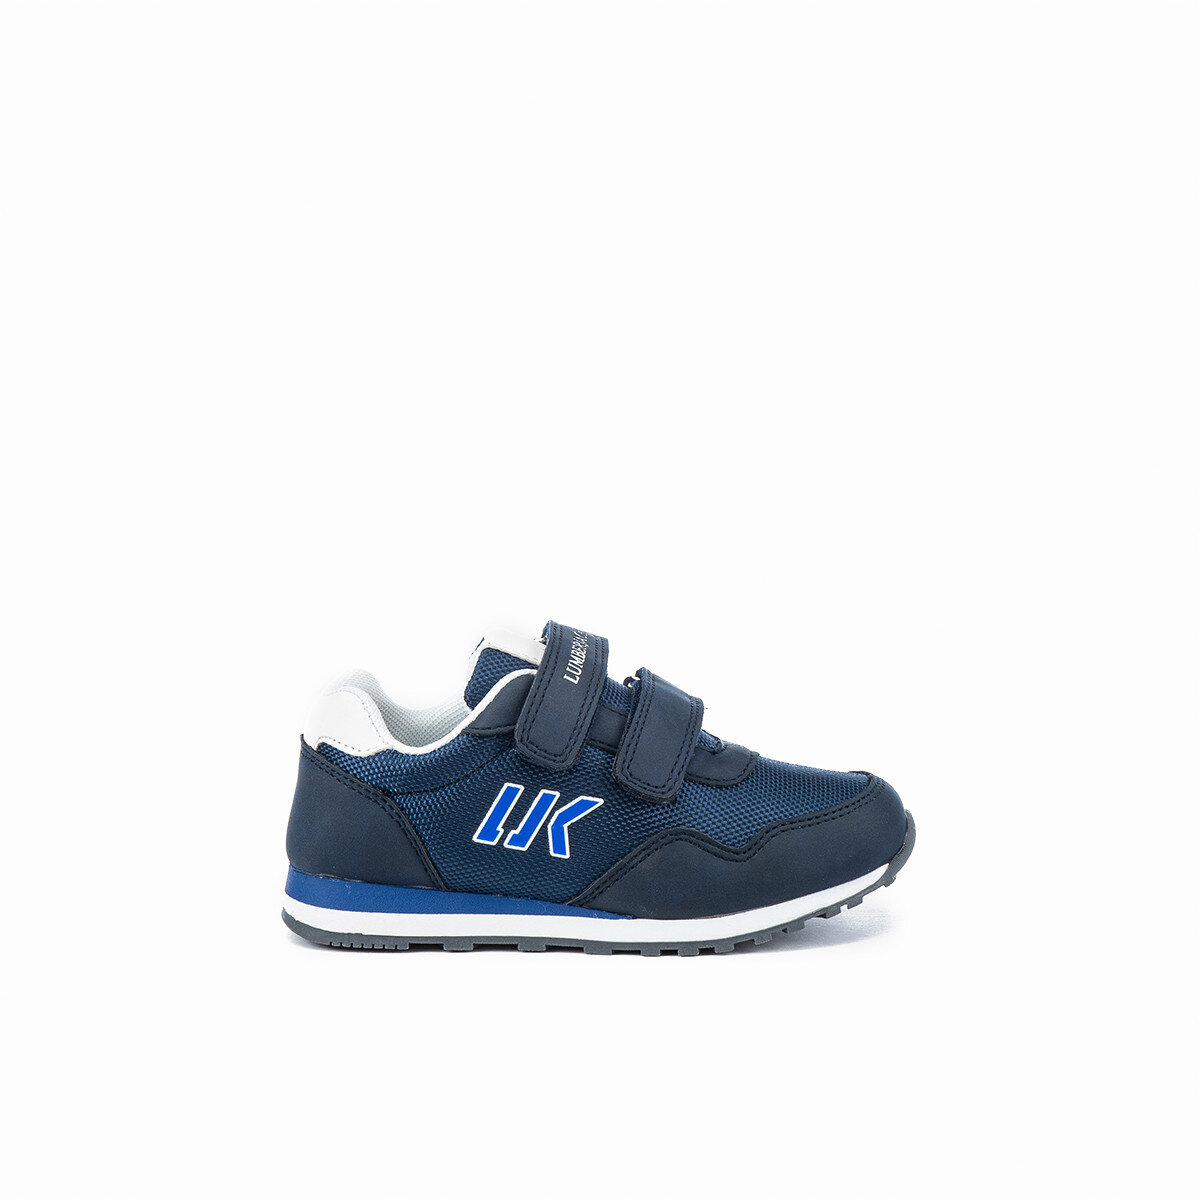 RACE Sneakers Bambino